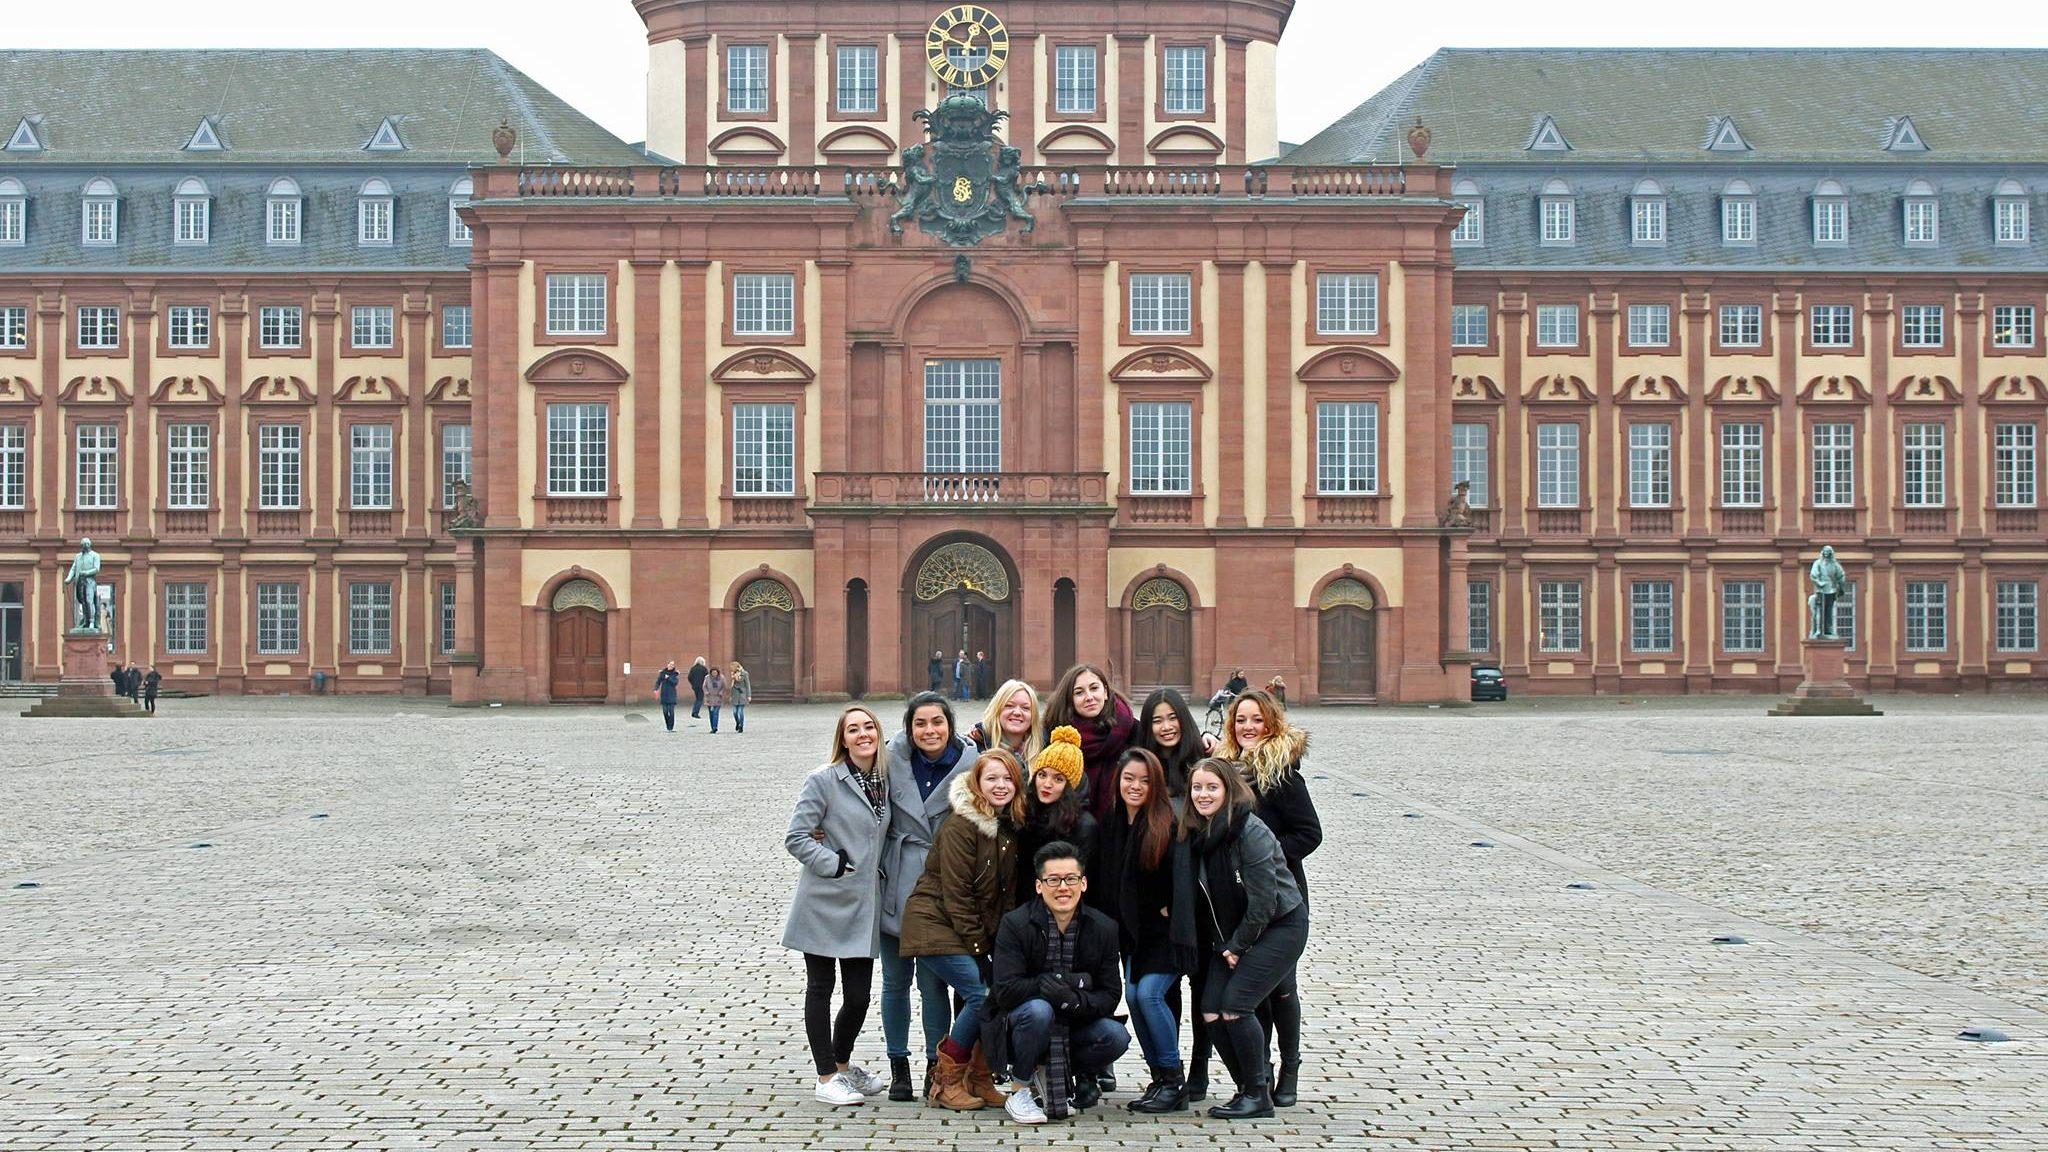 uni stade mannheim semester dates single  Universität Mannheim - Handelshögskolan, Göteborgs universitet. Universität Mannheim - Handelshögskolan, Göteborgs universitet.